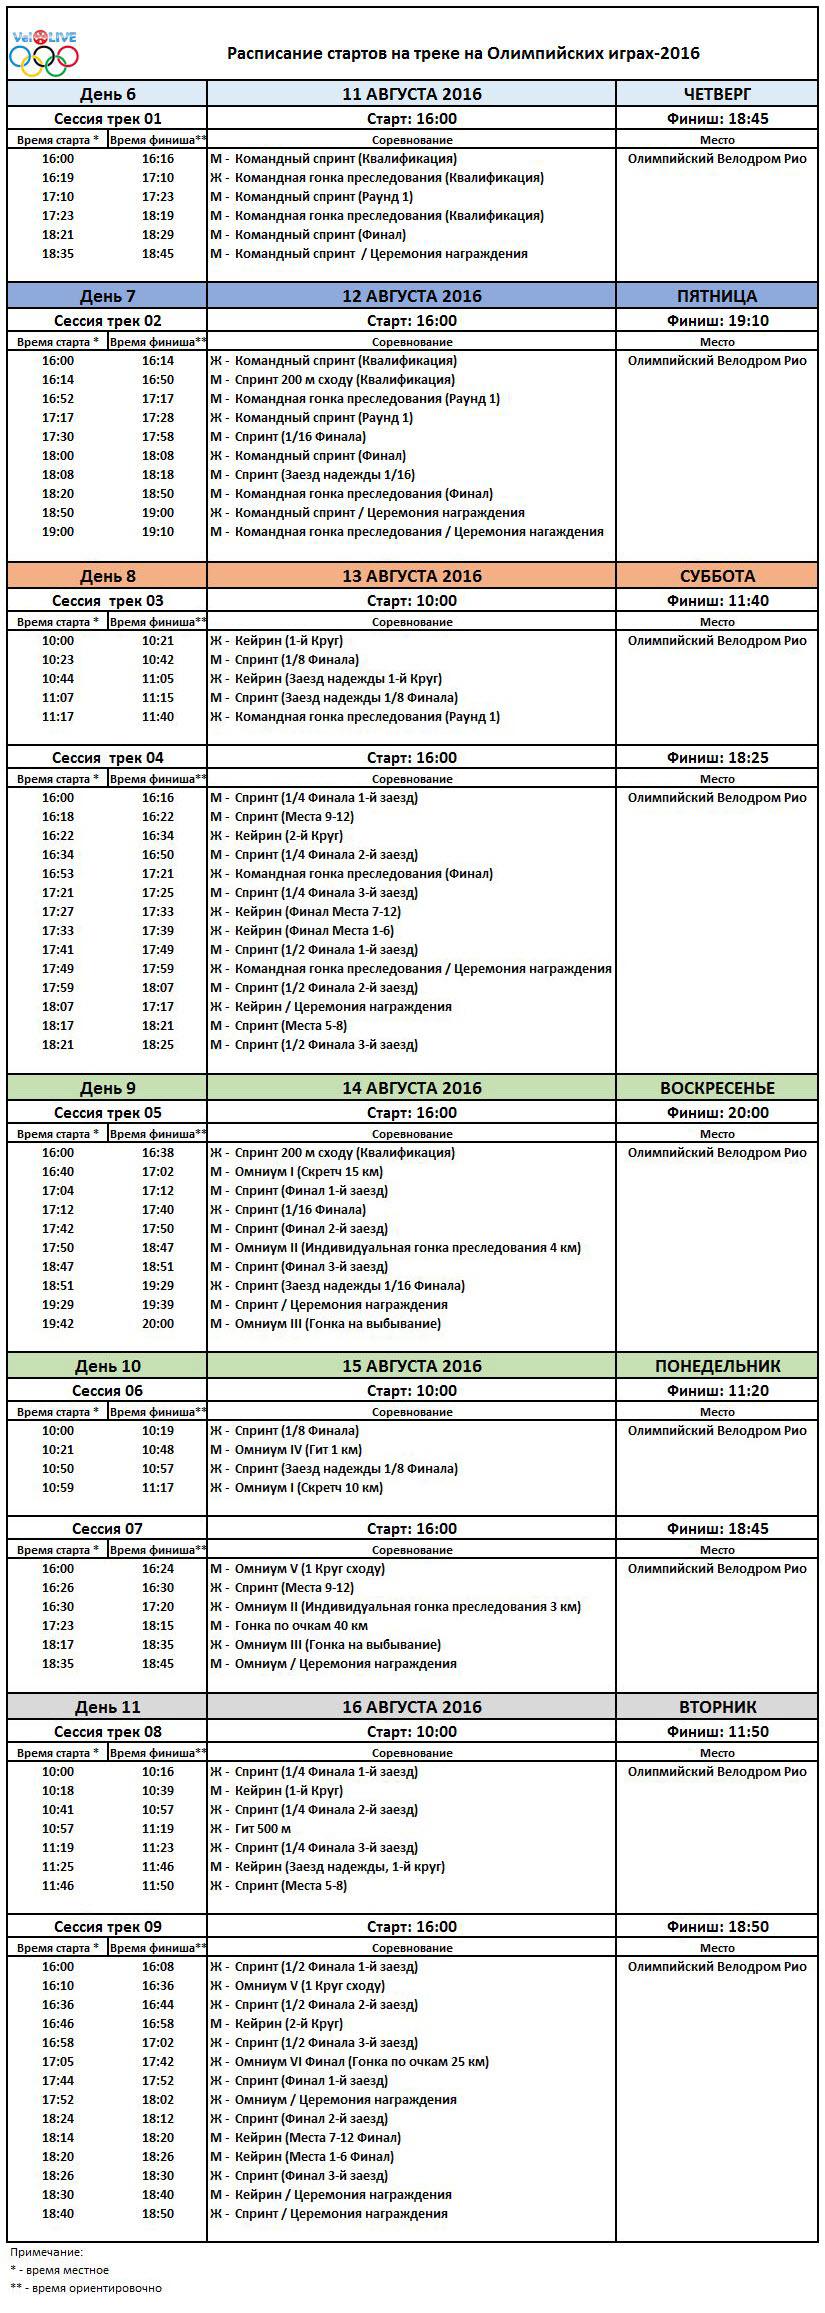 Расписание стартов по велоспорту на треке на Олимпийских играх-2016 в Рио